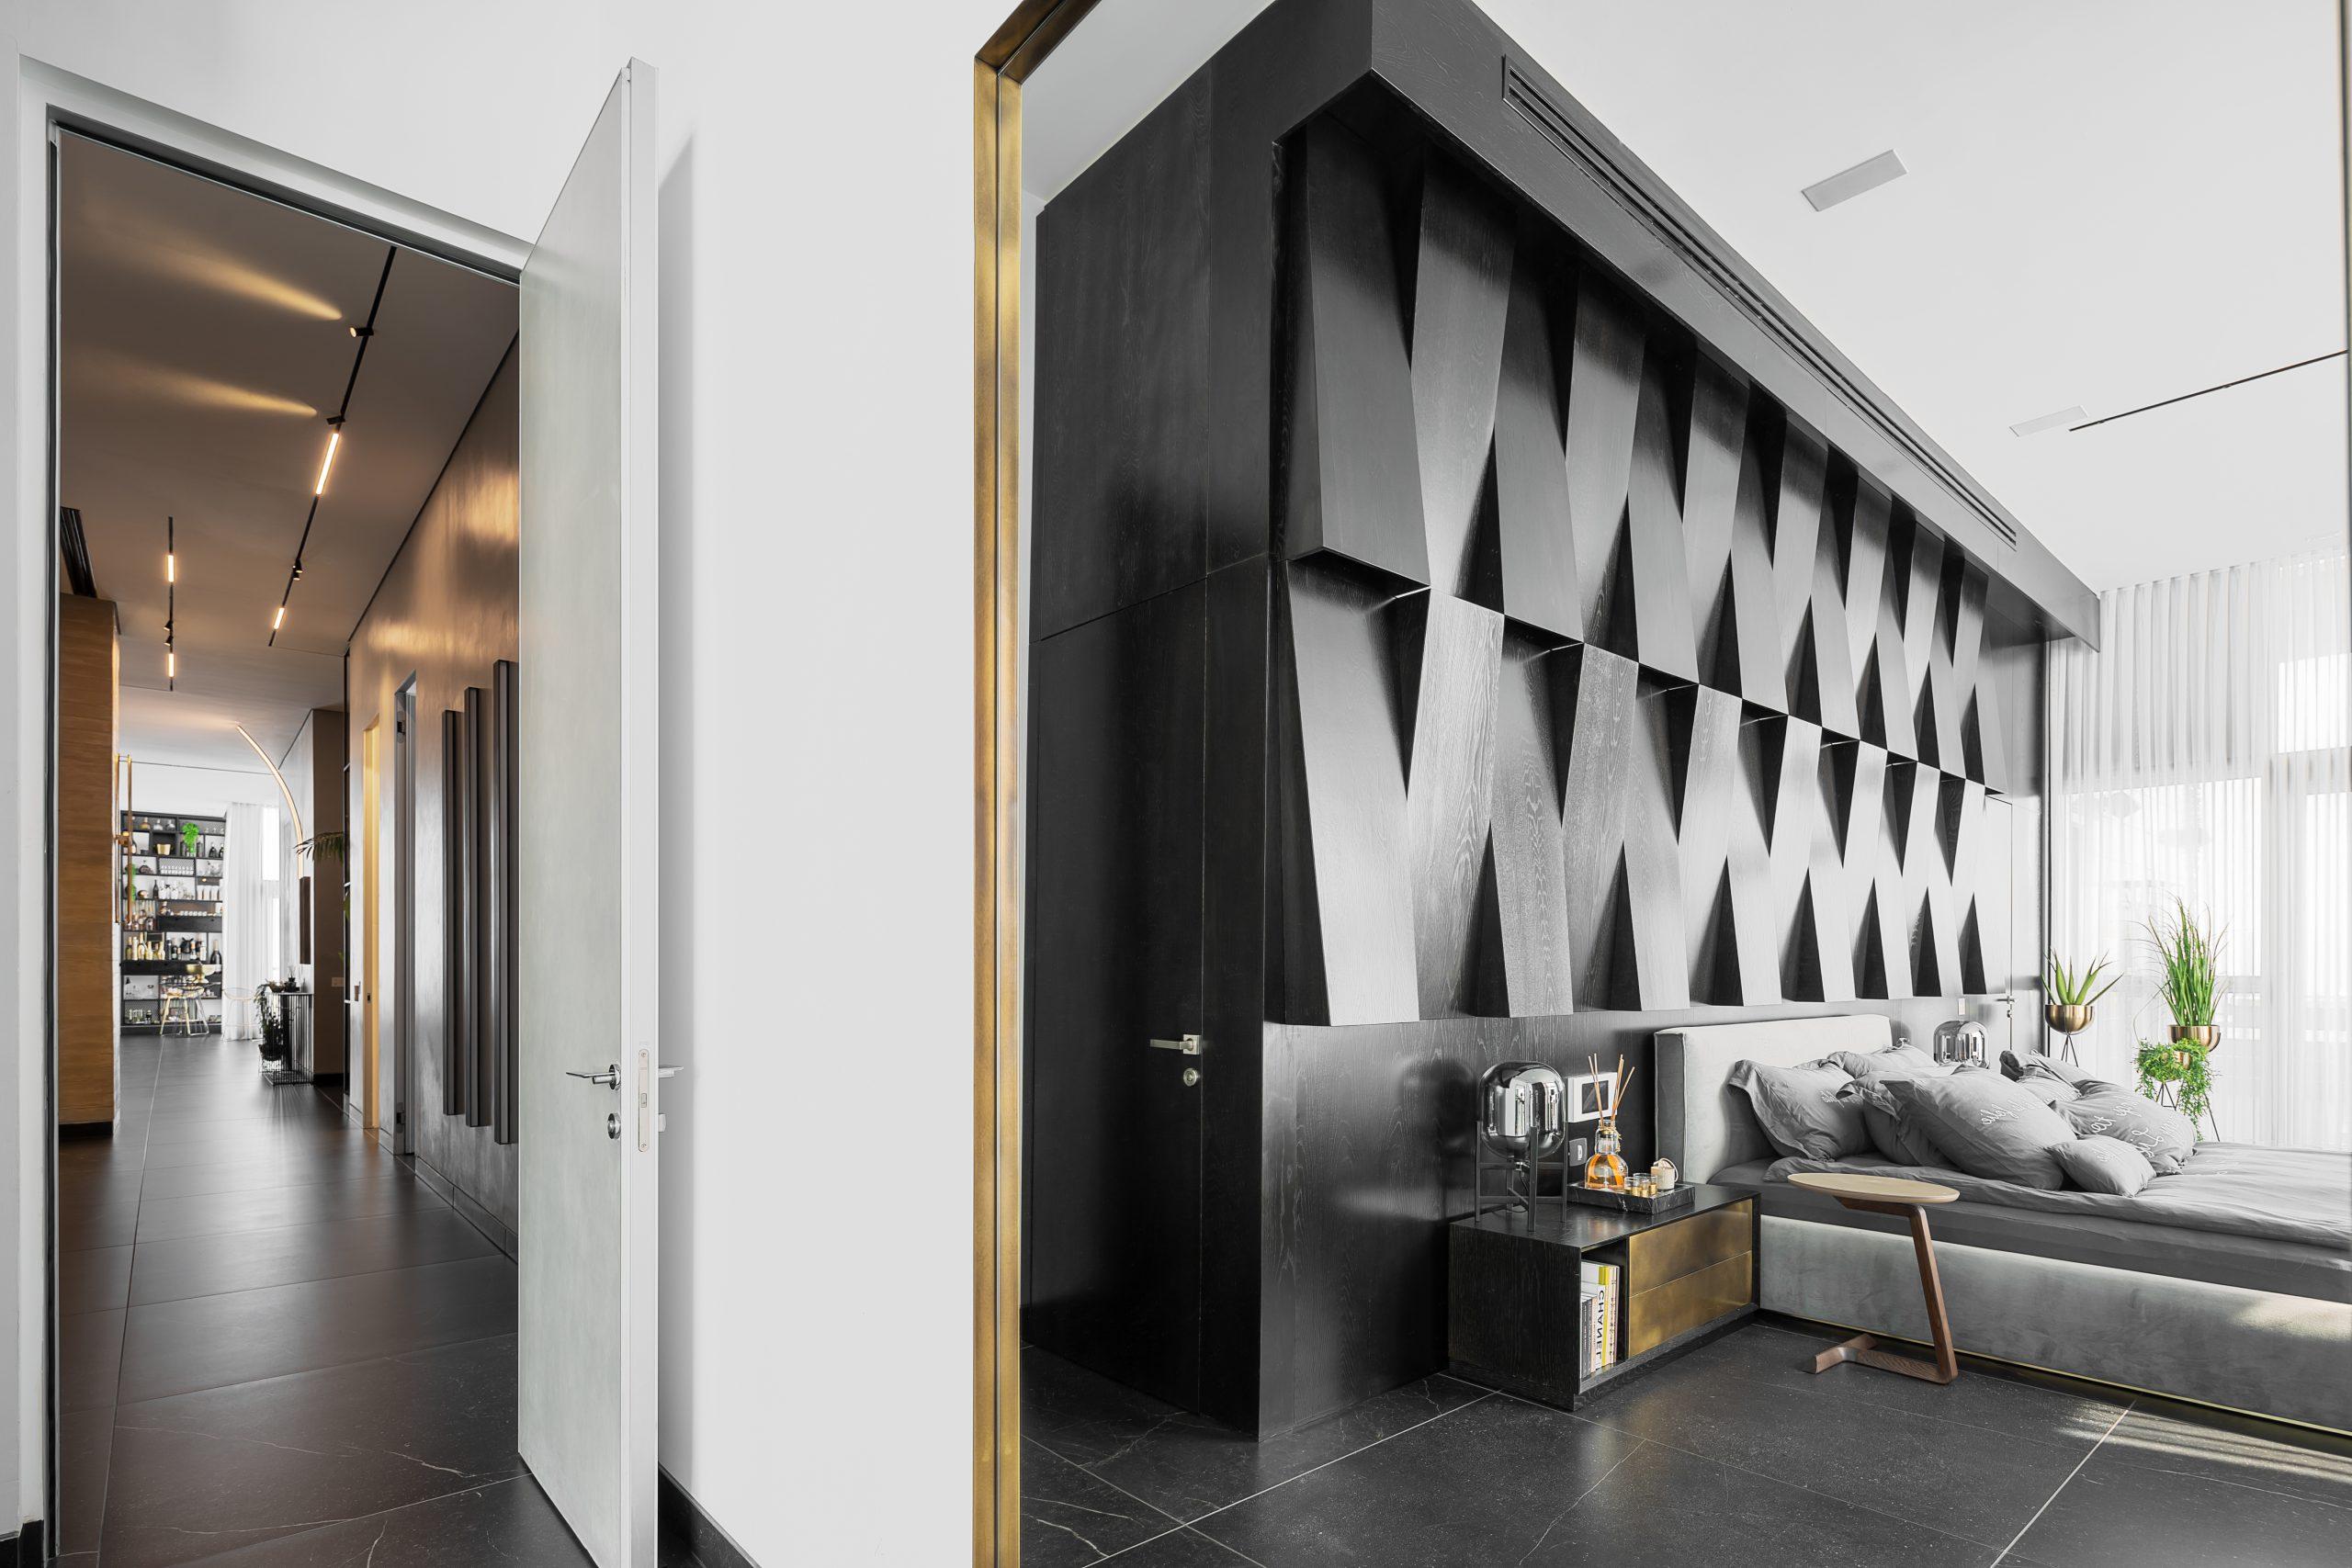 עיצוב אדריכלי בשילוב תאורה מקצועית